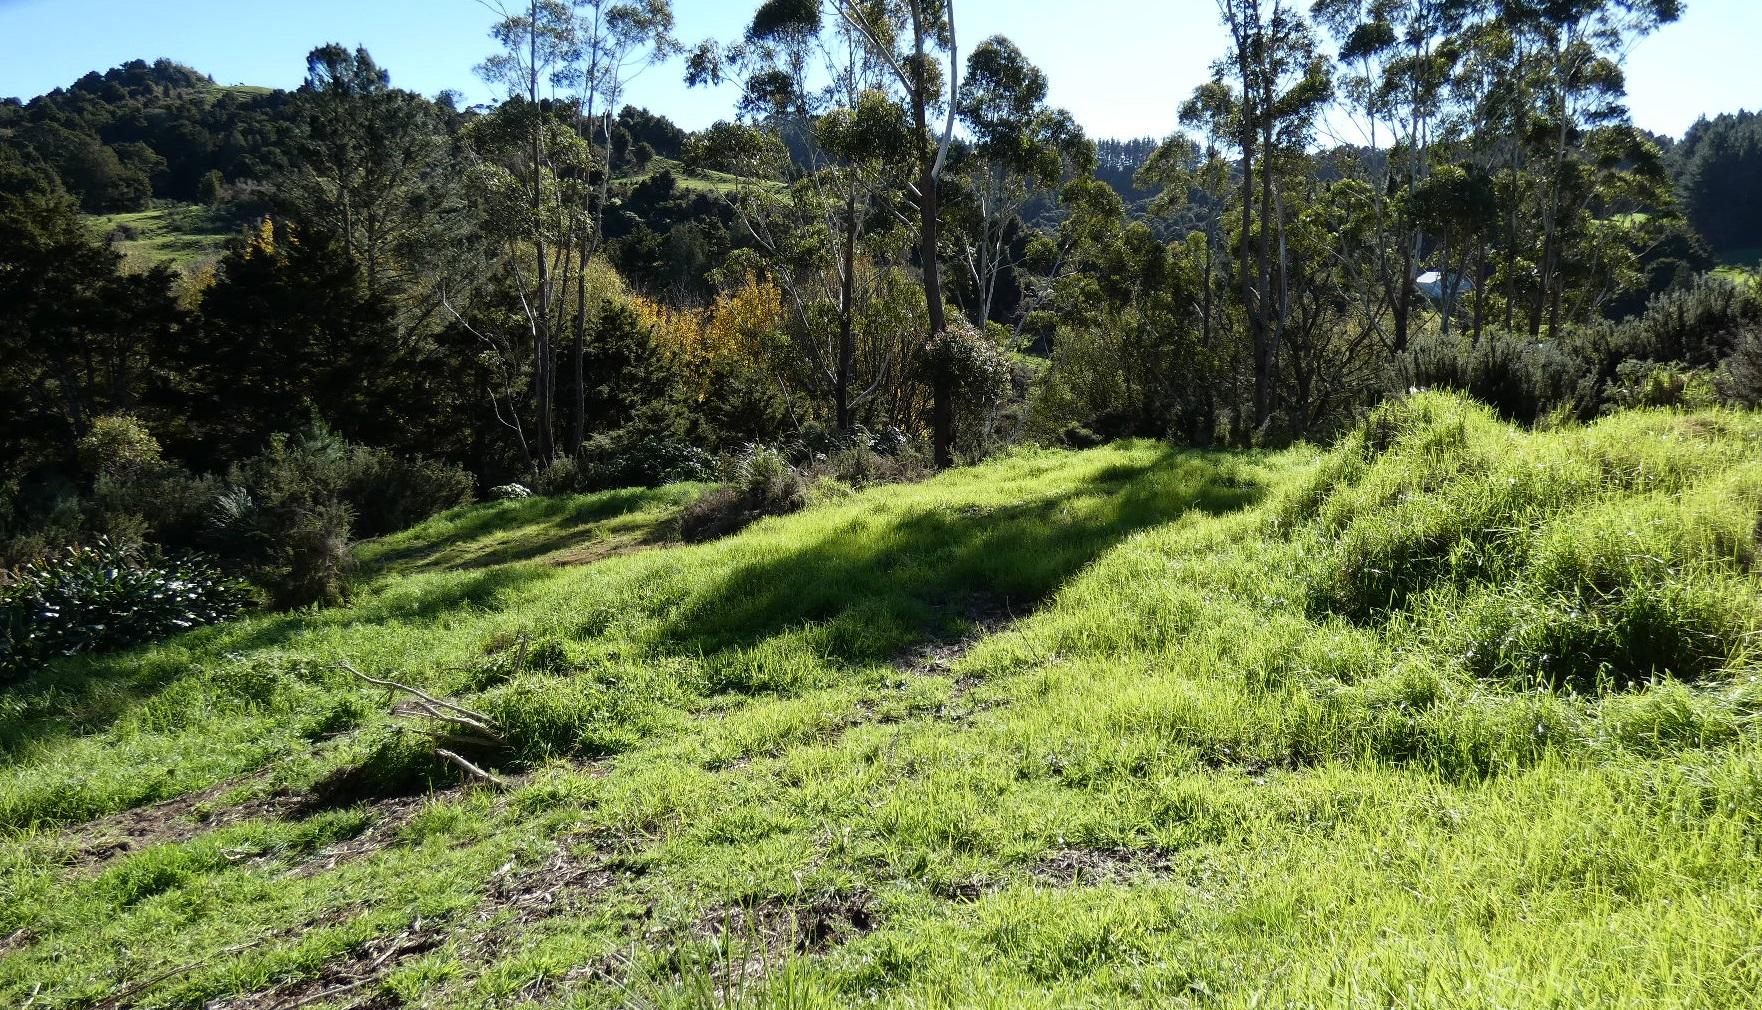 1 Acre – Grant Rd, Waipu – Calm, Peaceful Oasis